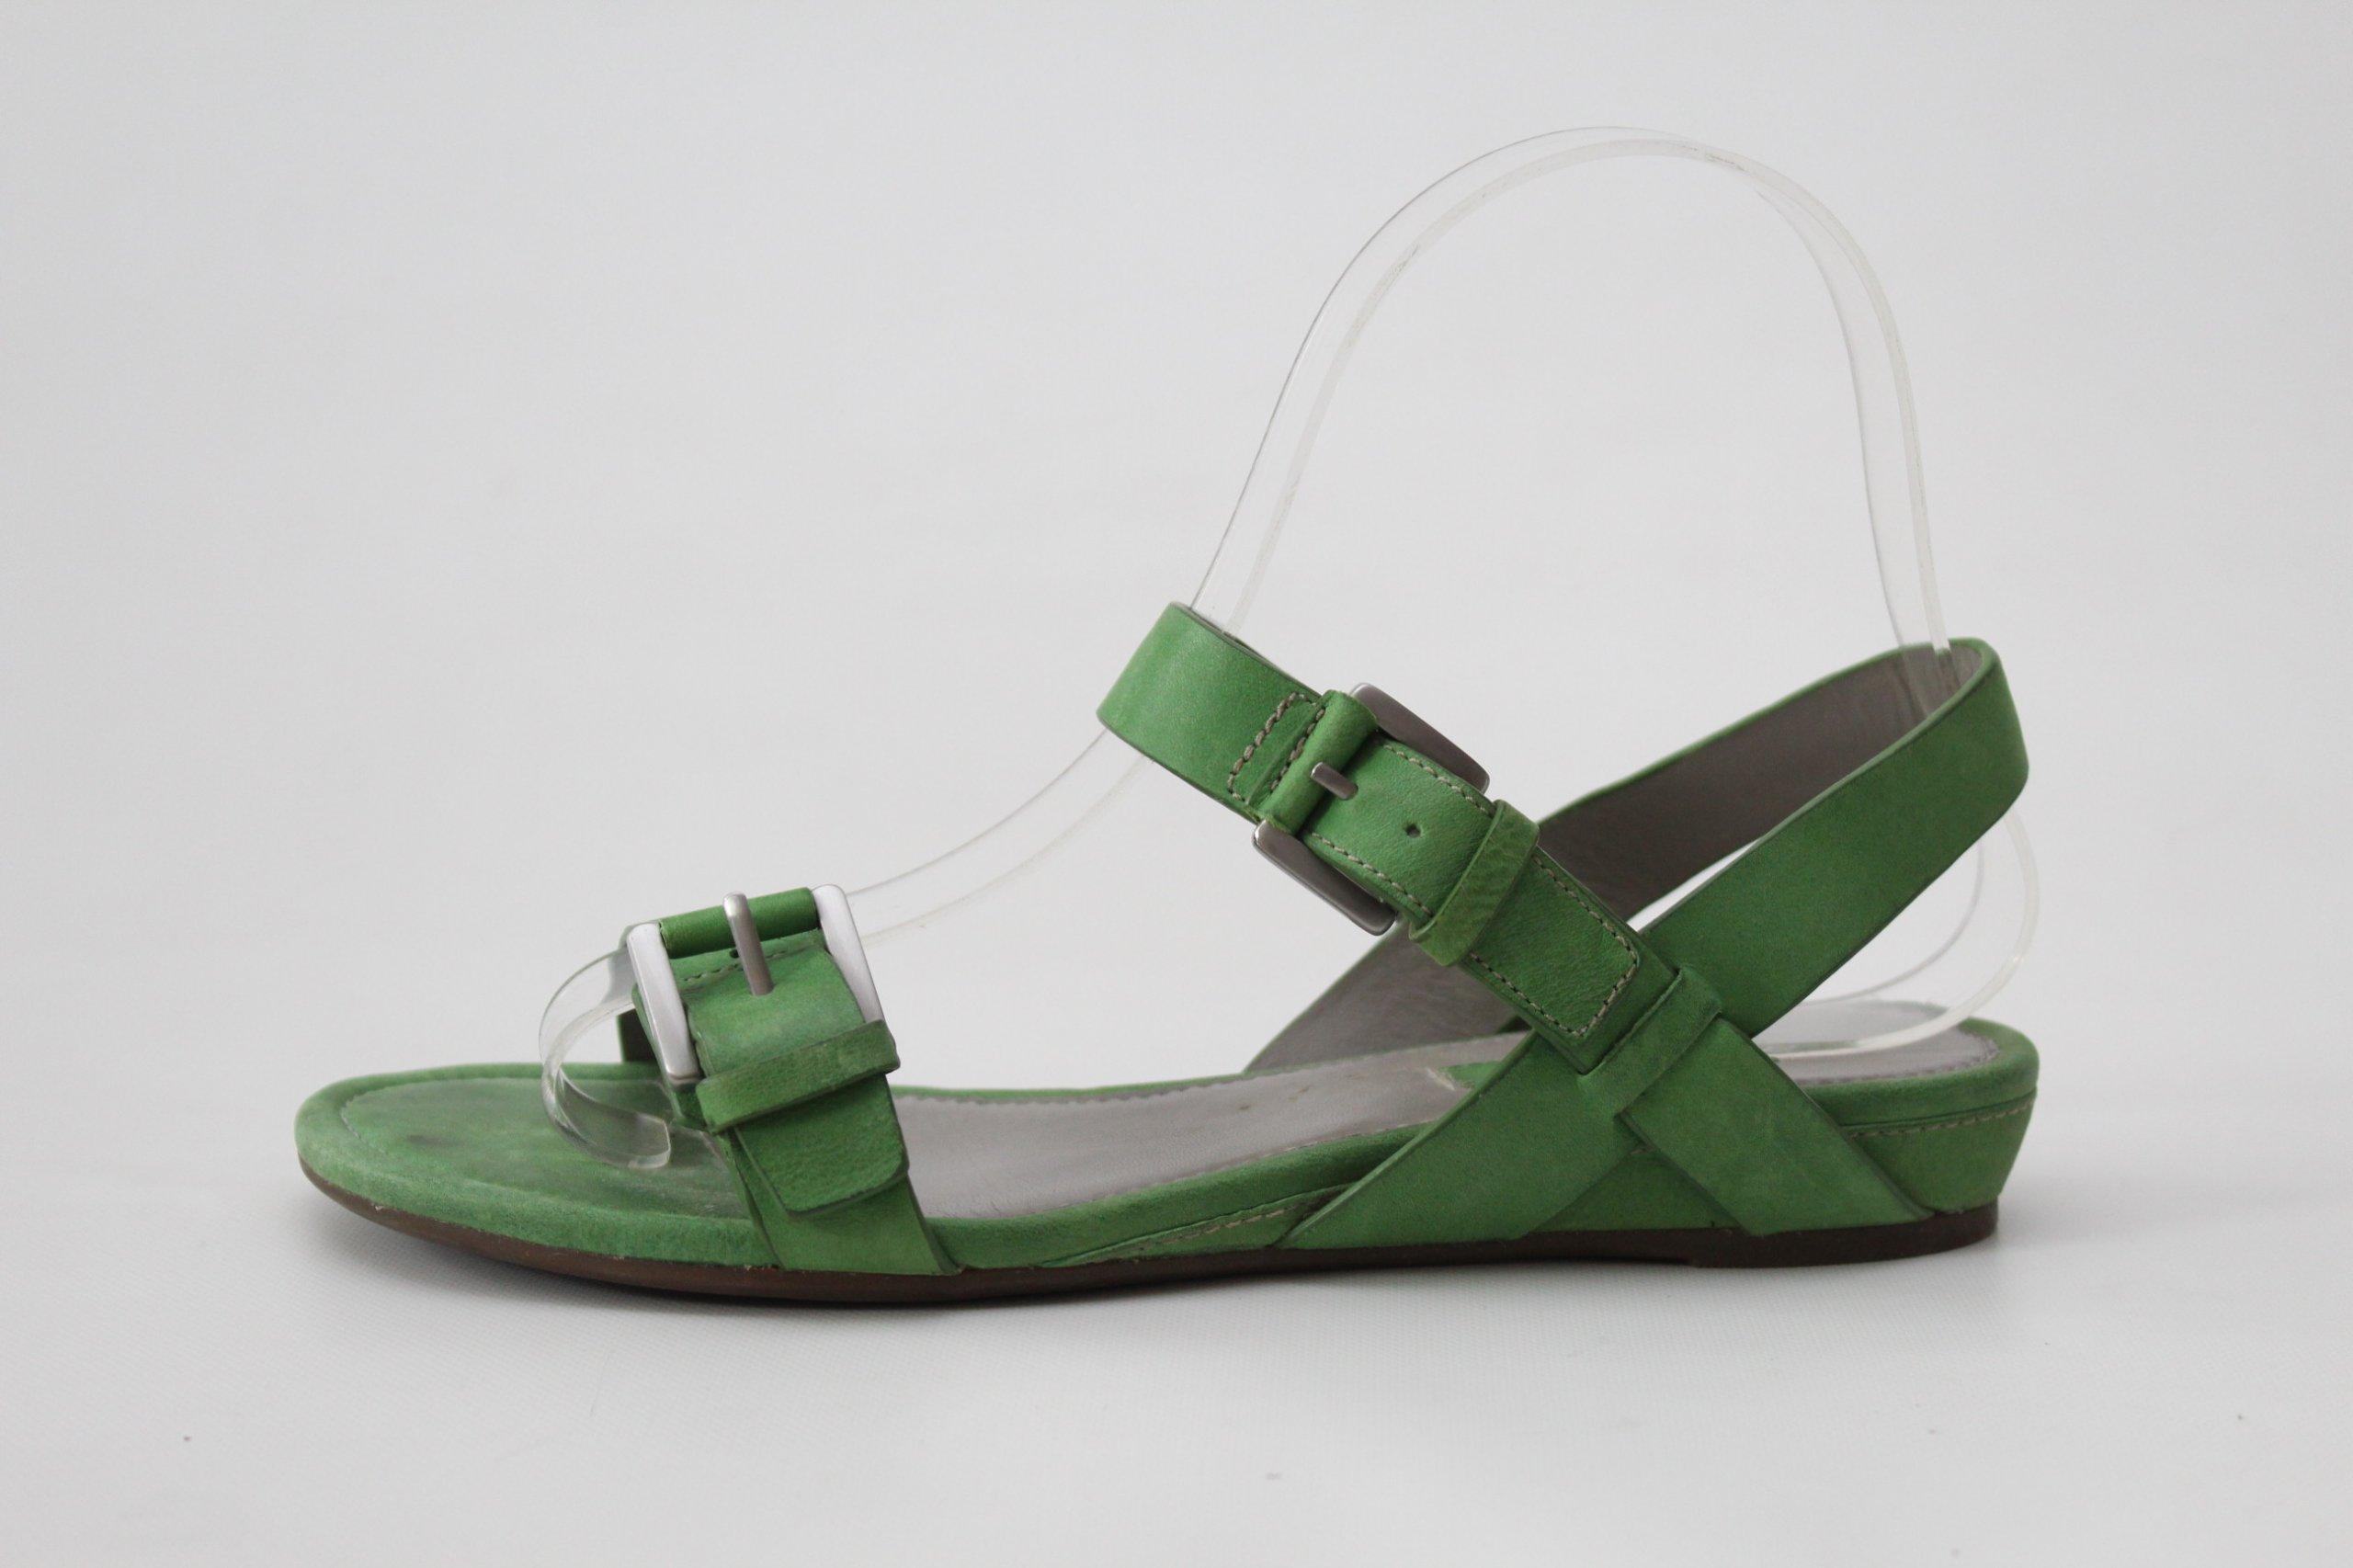 4d68f6a7 ECCO - skórzane sandały r. 36 (23 cm) - 7396985883 - oficjalne ...